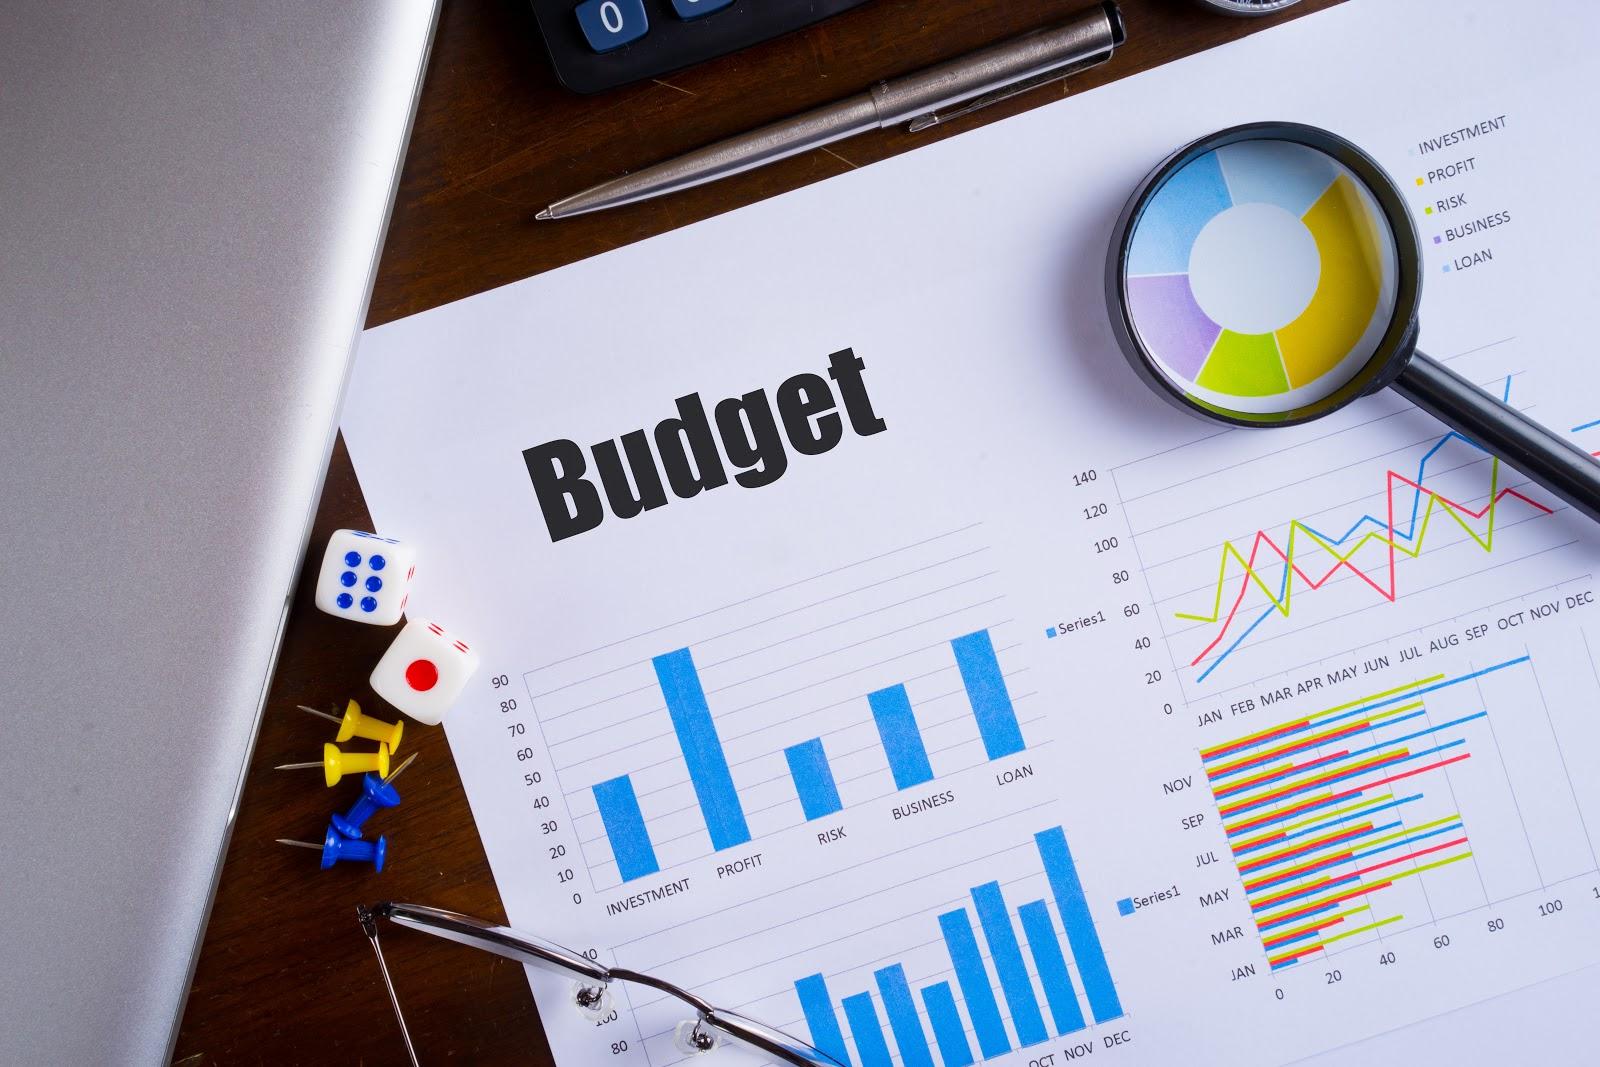 A budget spreadsheet